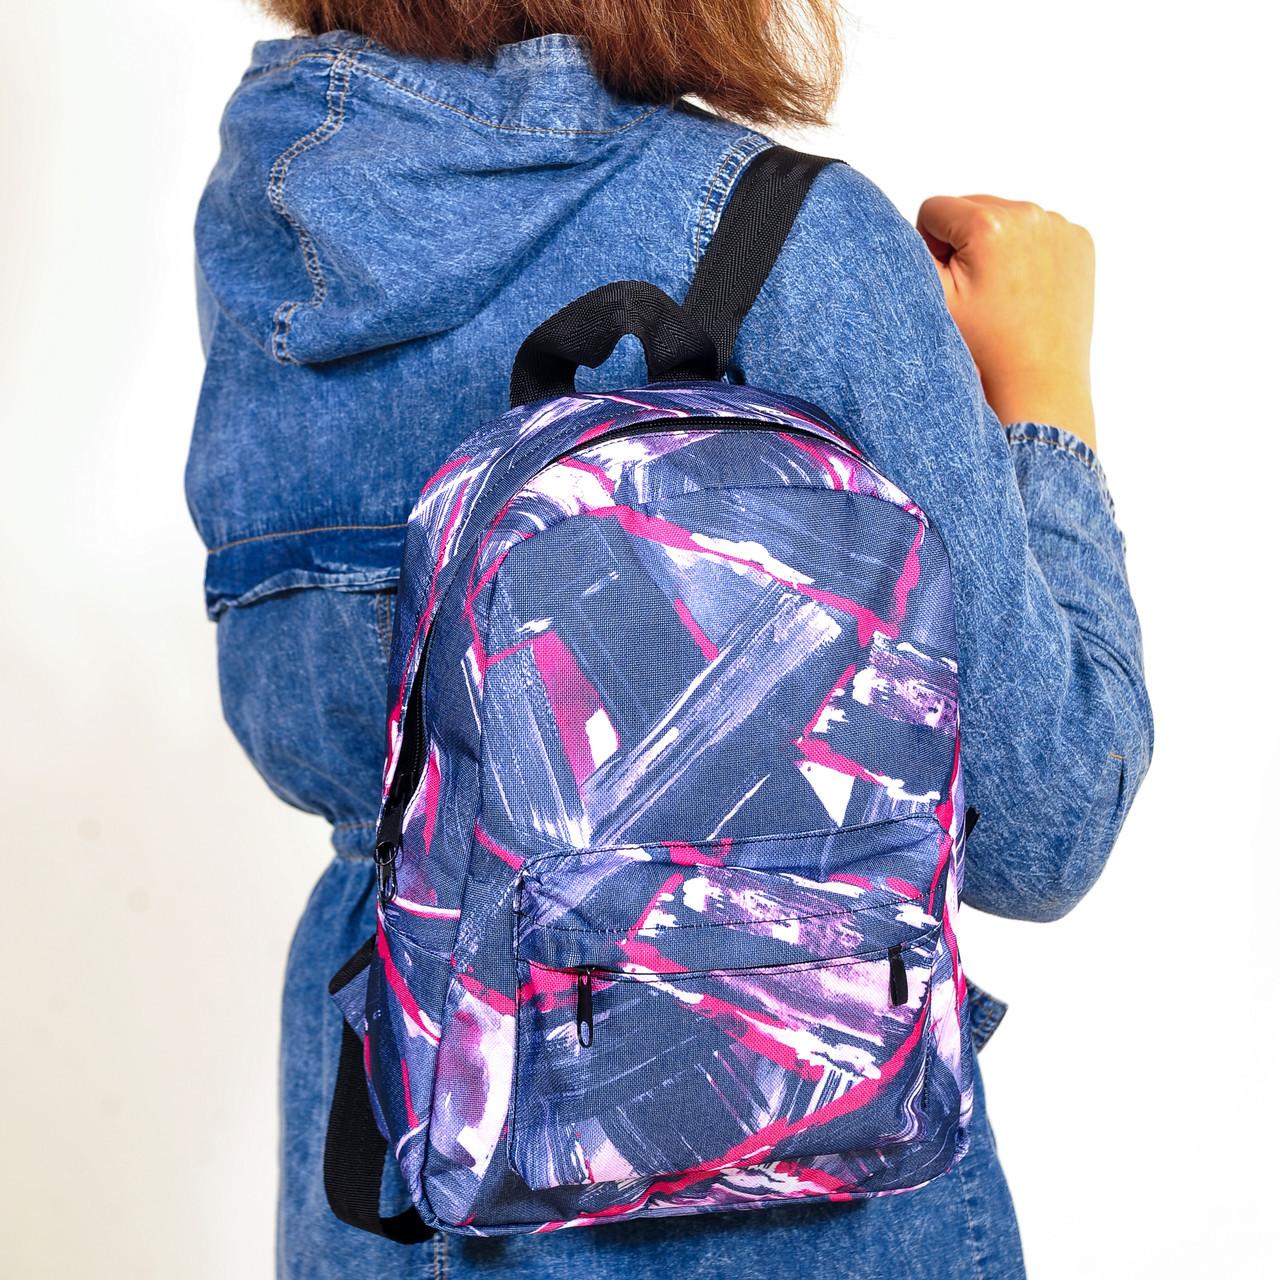 Молодежный городской женский рюкзак, с абстрактным рисунком, 7.5 л